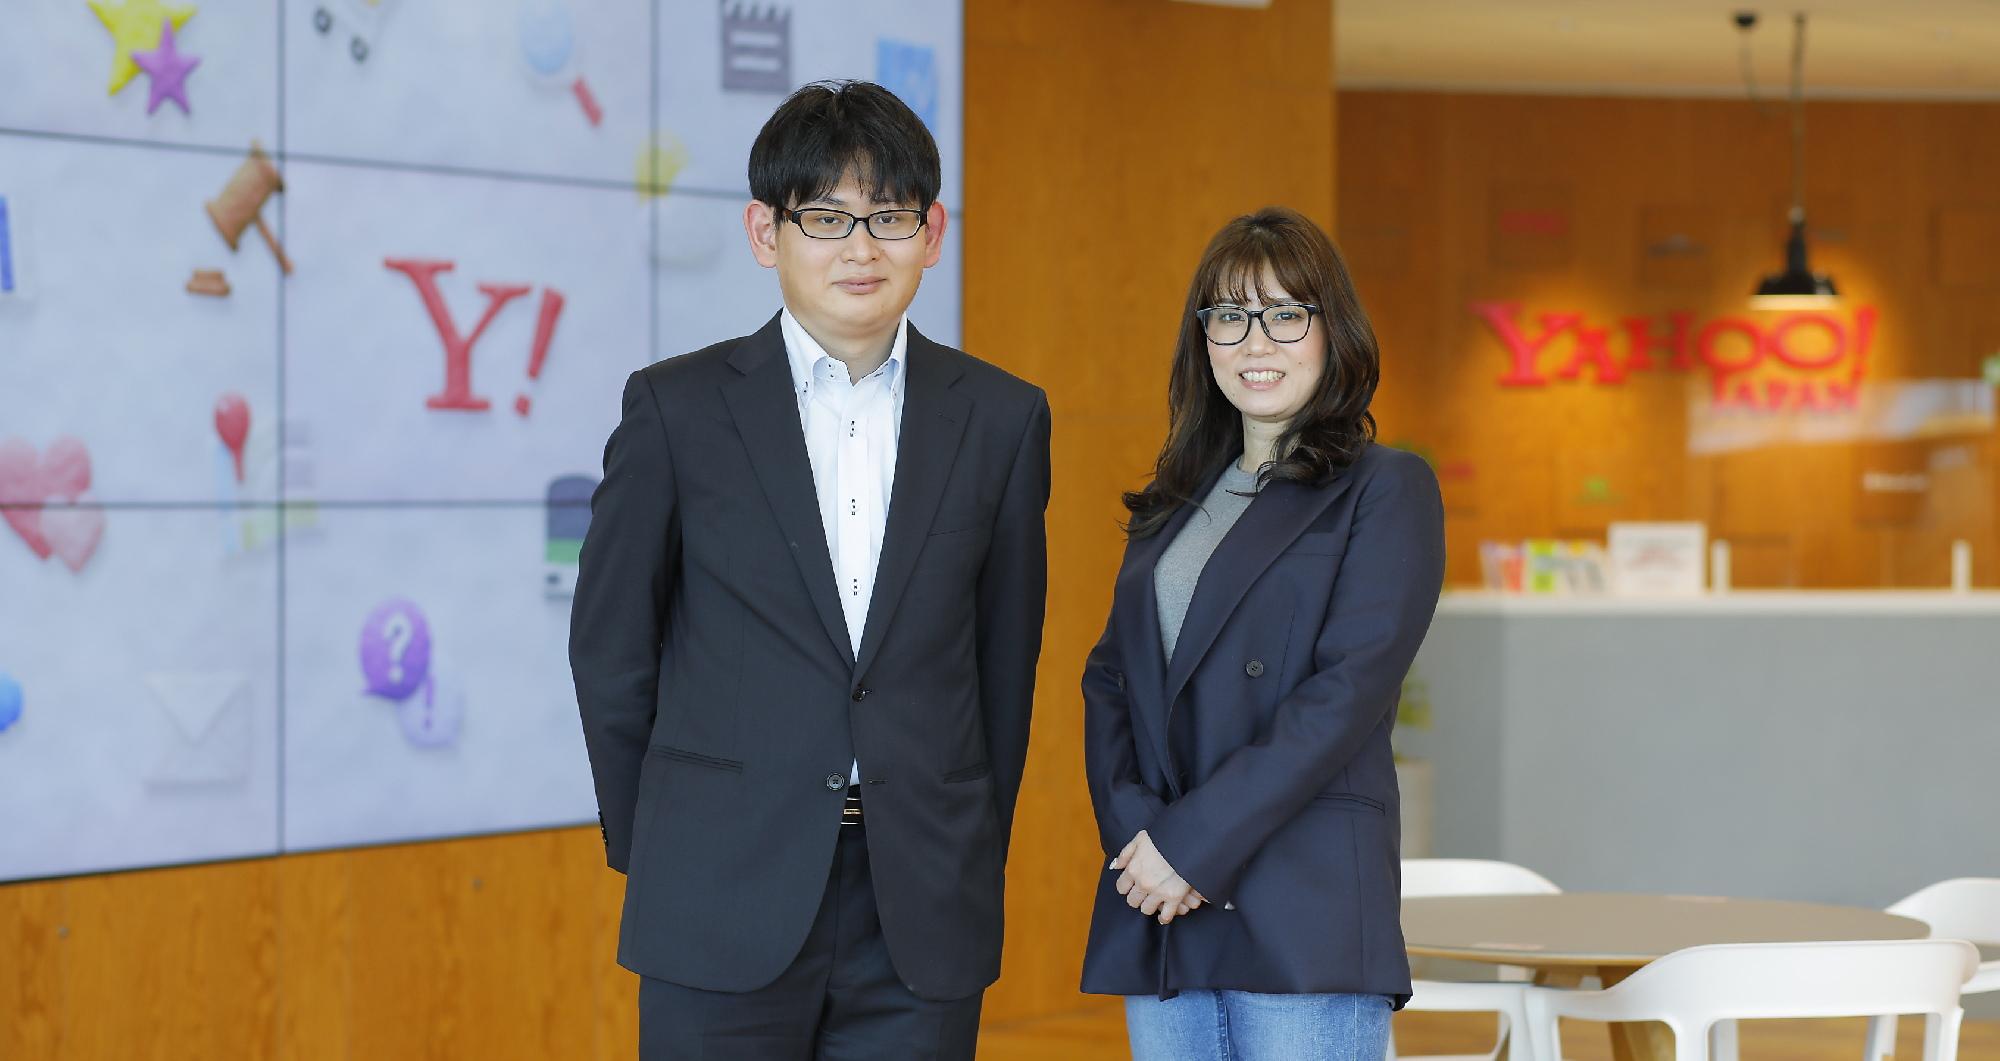 インタビュアーの社員とインタビュイーの吉村さんが並んで立っている様子の写真